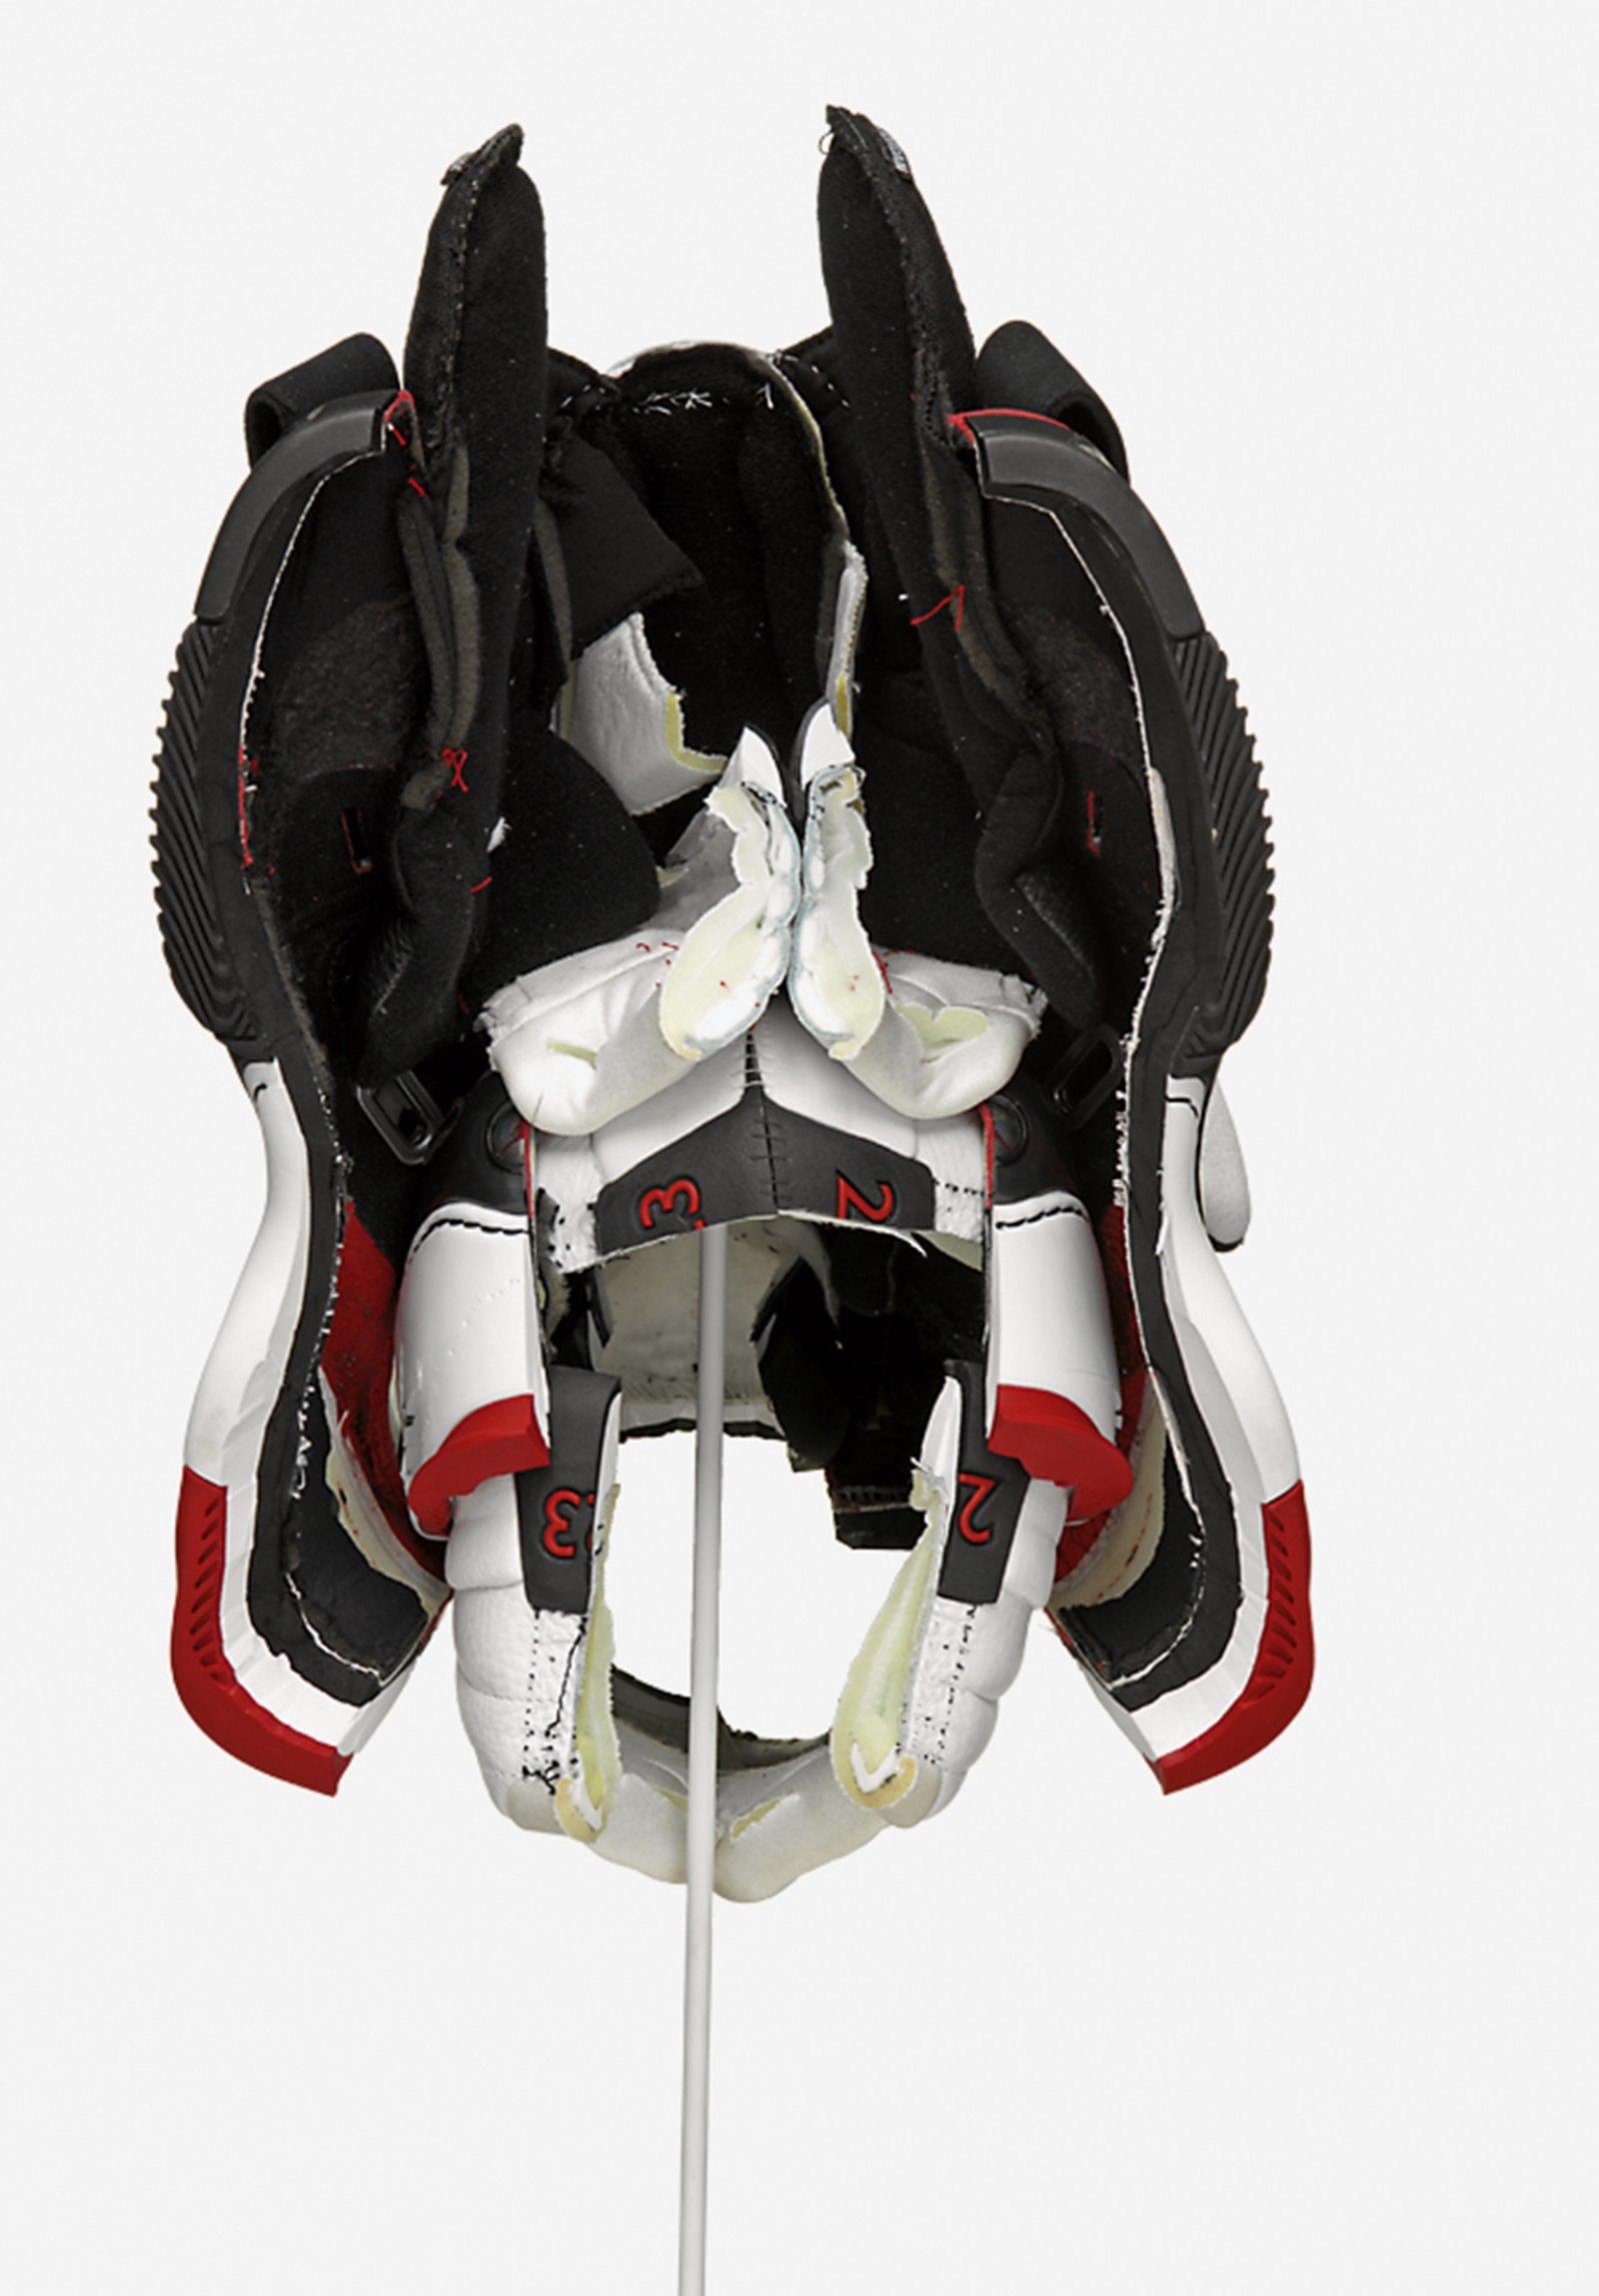 Brian Jungen, Prototype for New Understanding #20, 2004, nike air jordans, 17 x 10 x 20 in. (43 x 25 x 51 cm)